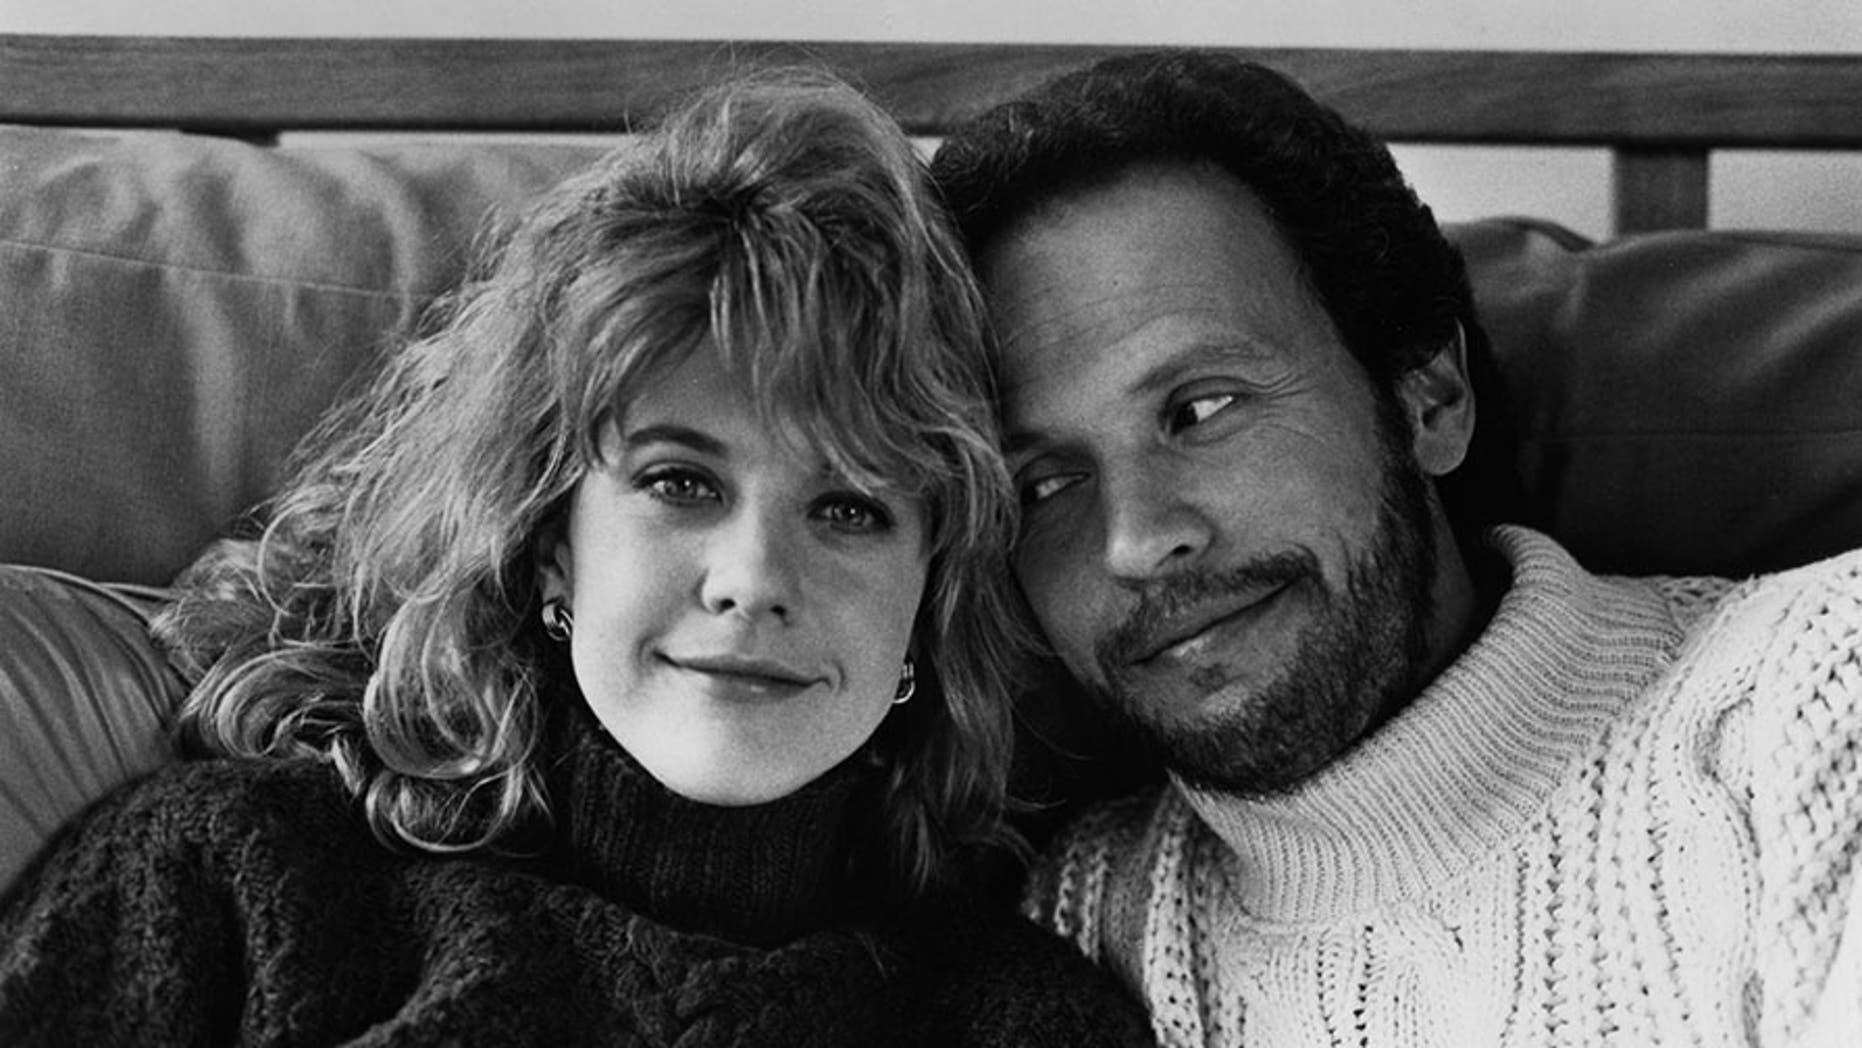 مگی رایان و بیلی کریستال برای فیلم «هنگامی که هری متال سالی» در سال 1989 حضور داشتند. رایان، کریستال و «رابر رینر»، زمانی که هری مت سالالی کارگردانی کرد، برای فیلمبرداری 30 ساله فیلم در جشنواره فیلم کلاسی ترنر در پنجشنبه شب .